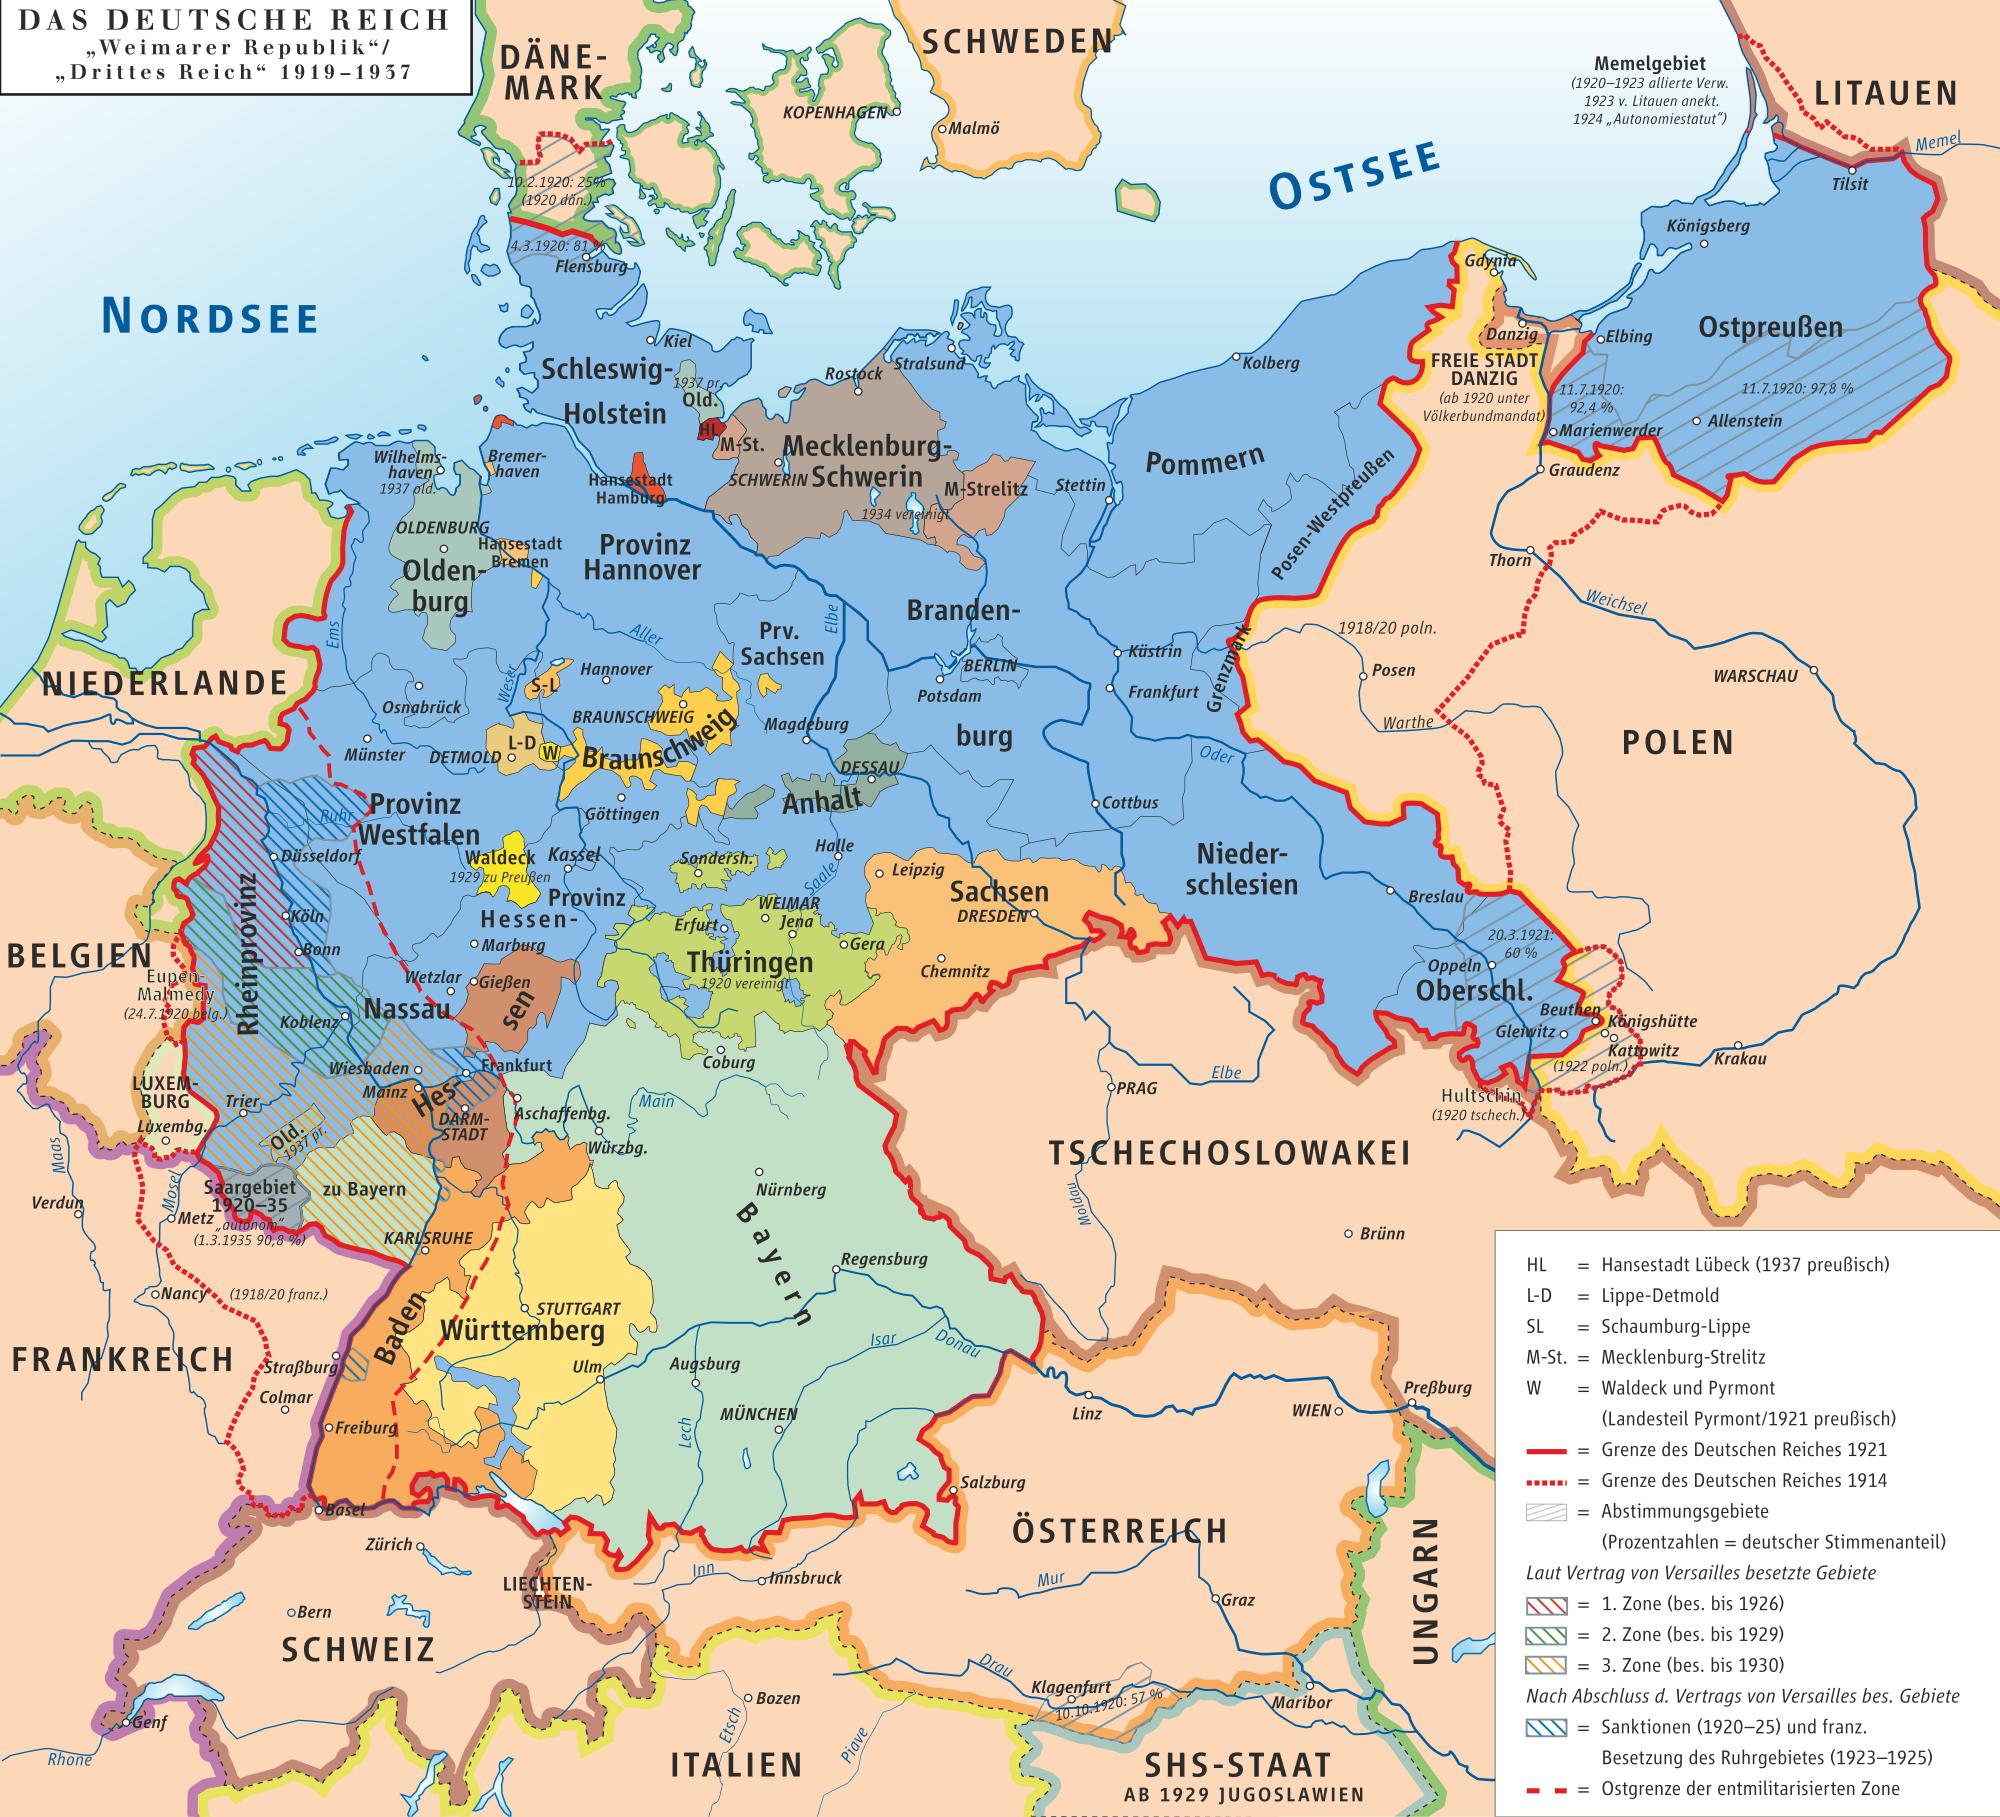 2000px Karte des Deutschen Reiches Weimarer Republik Drittes Reich 1919?% g